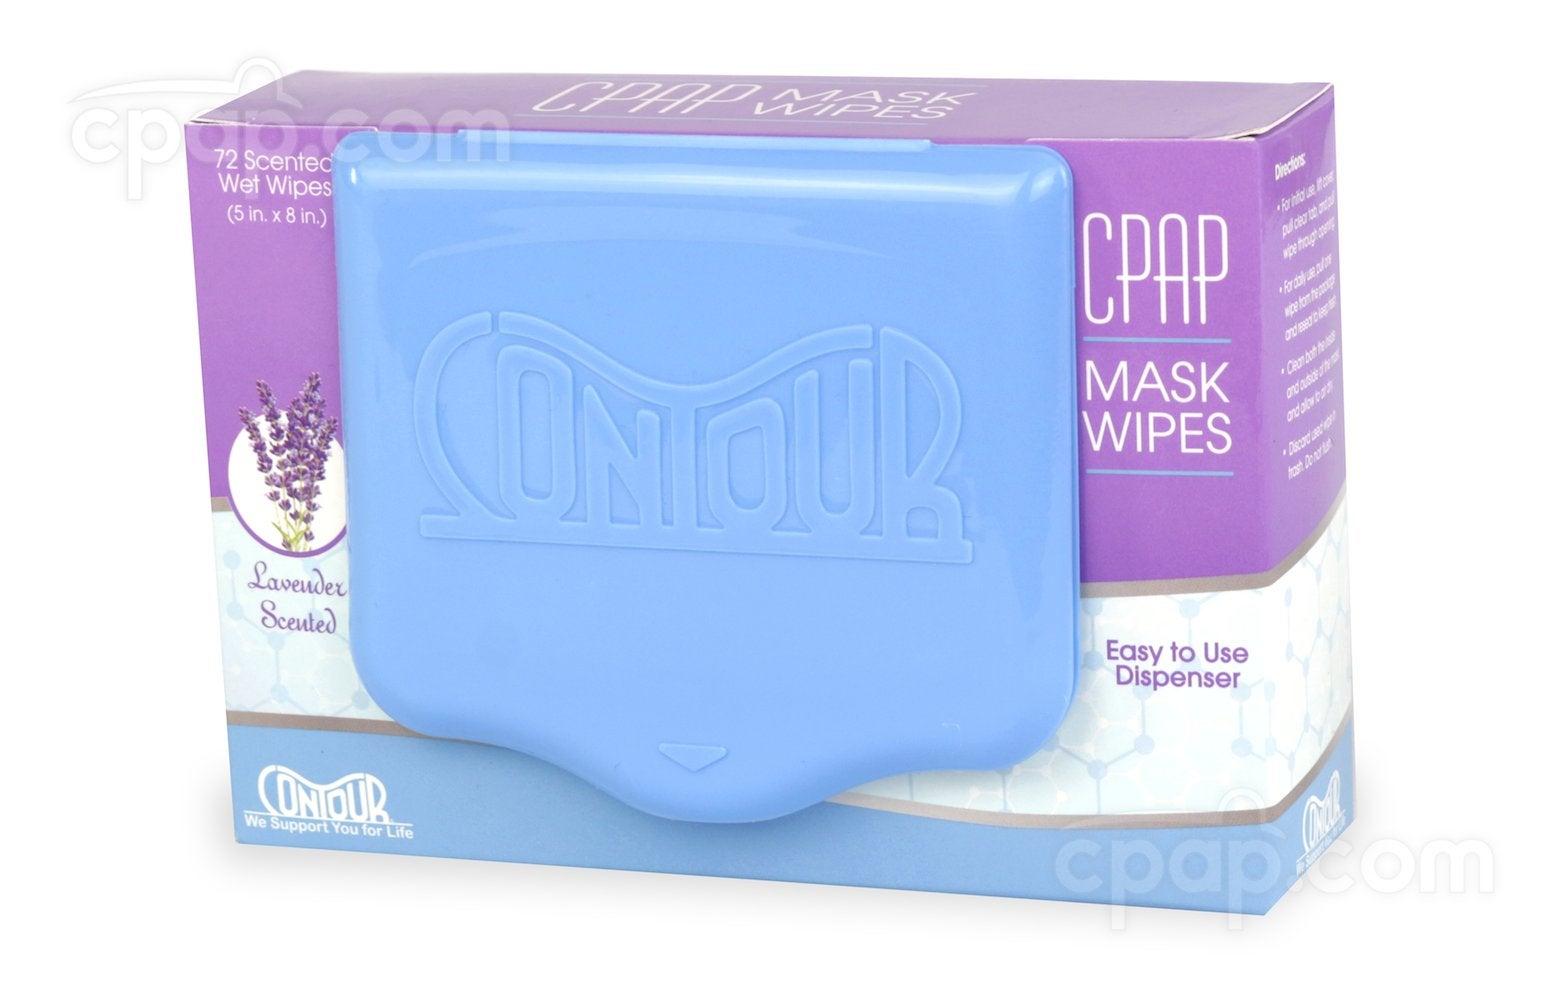 Contour Lavender Mask Wipes (72 Count)